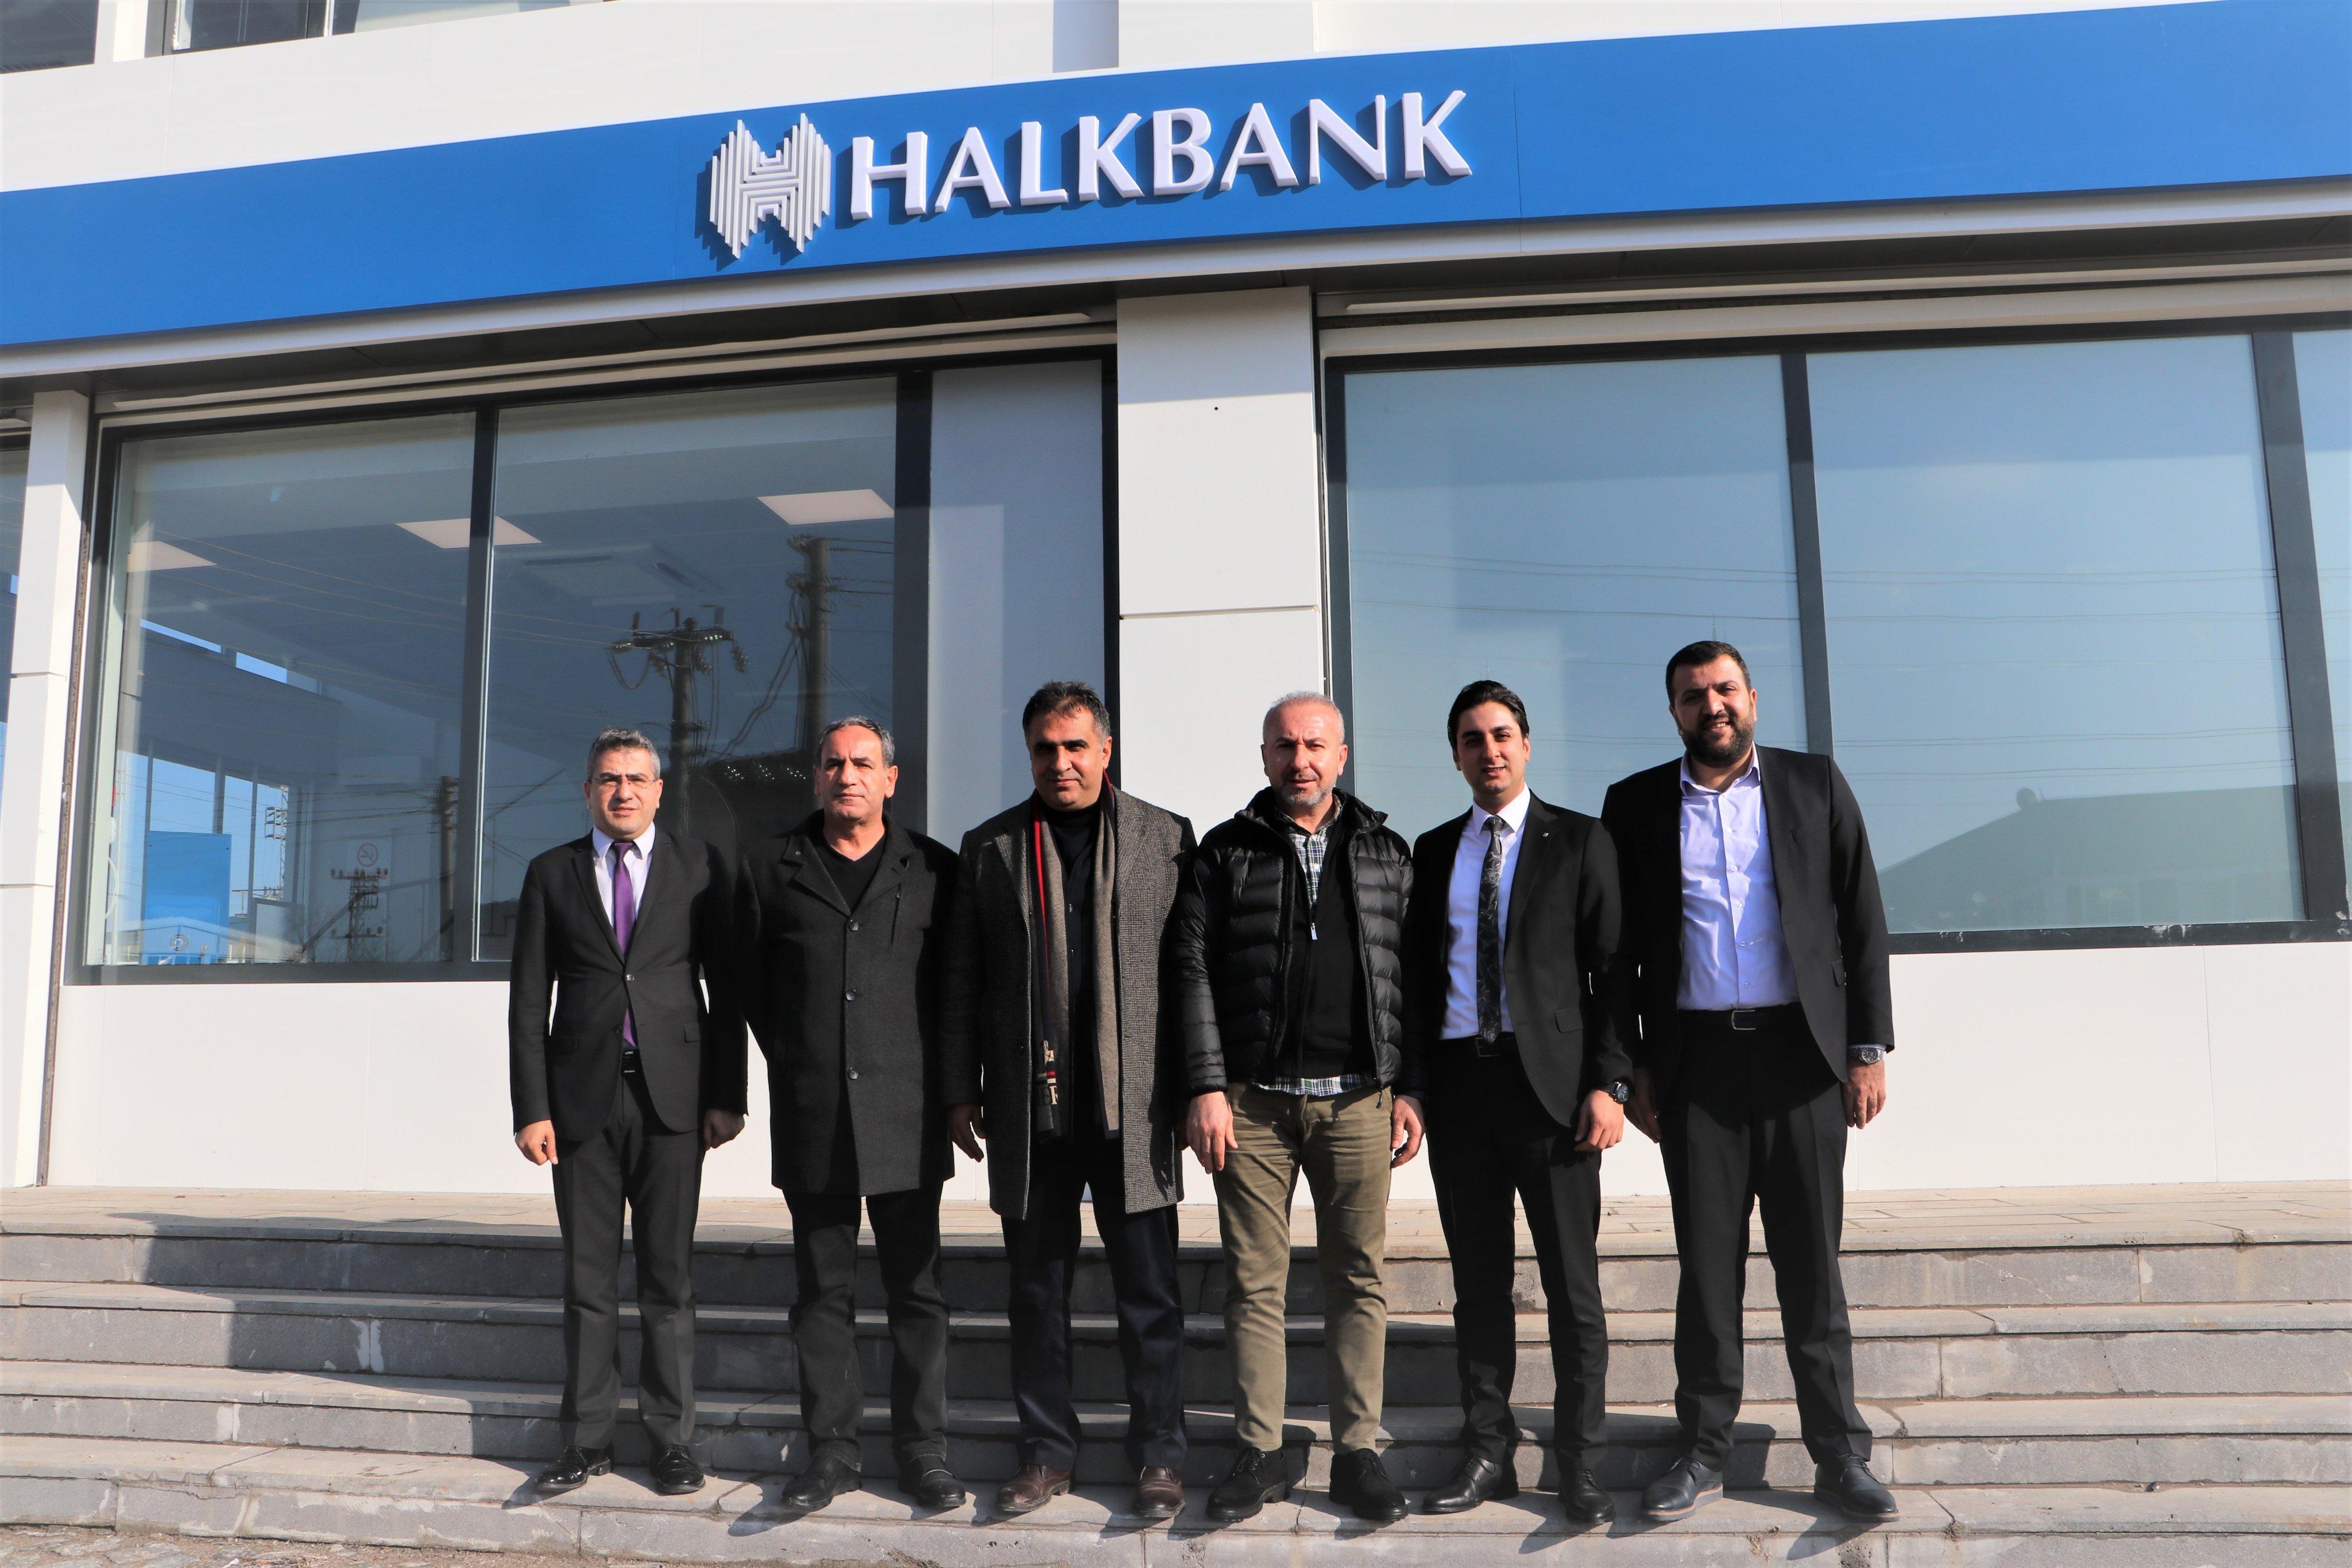 Halkbank Diyarbakır OSB Şubesi hizmete başladı